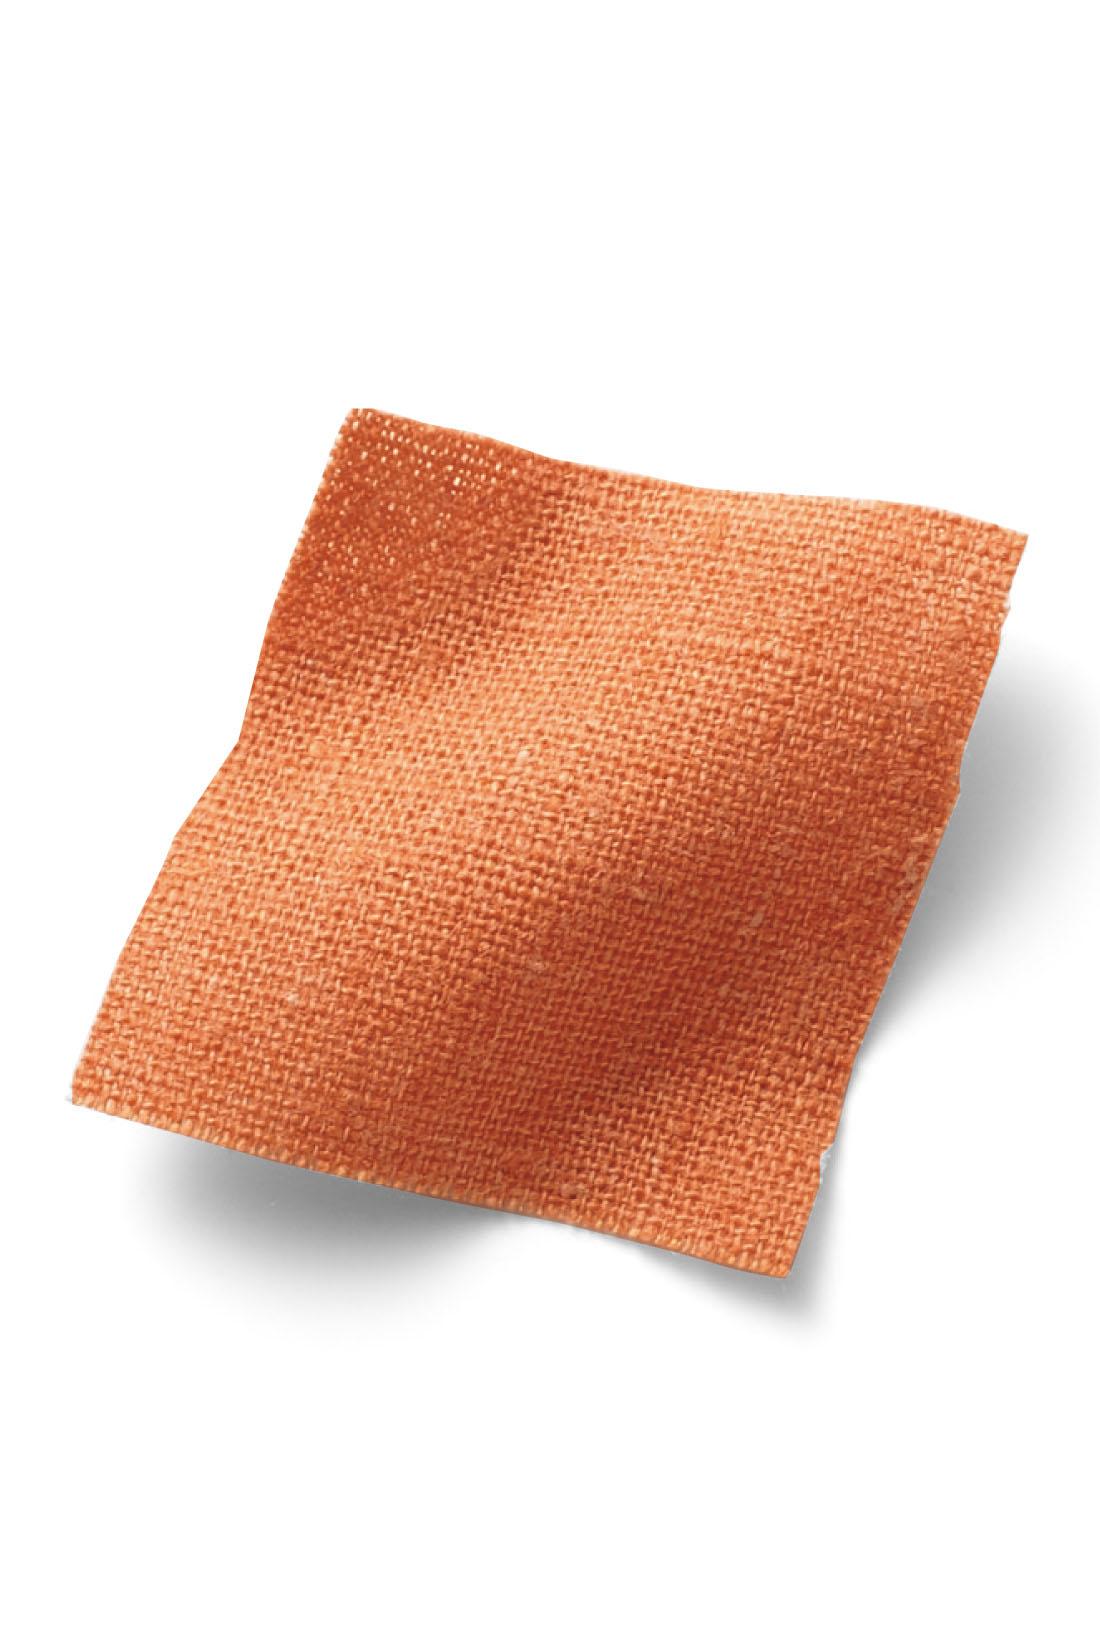 軽やかな綿麻素材。 ※お届けするカラーとは異なります。